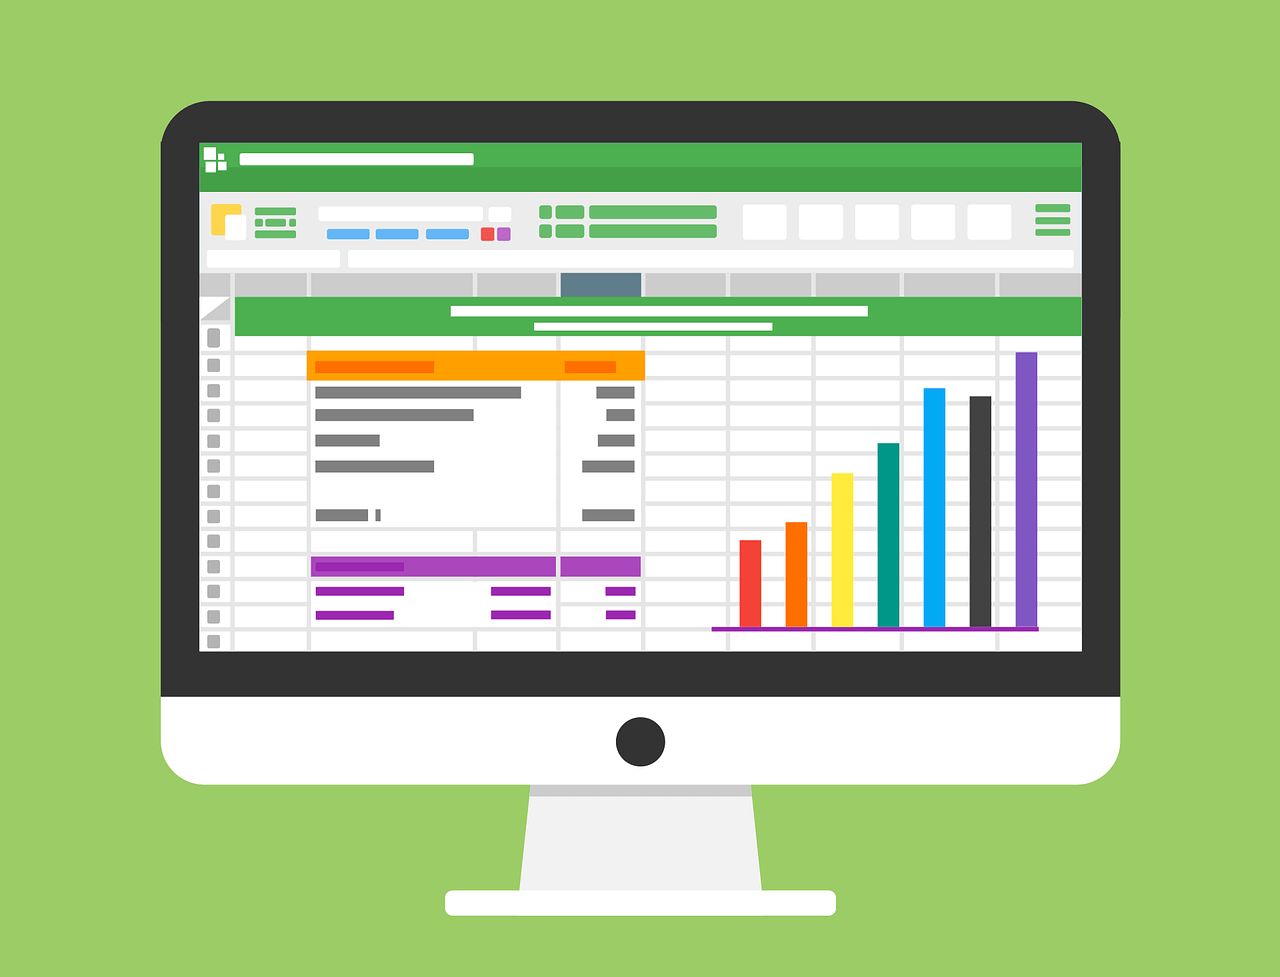 Få et godt tilbud på bogholder eller revisor online